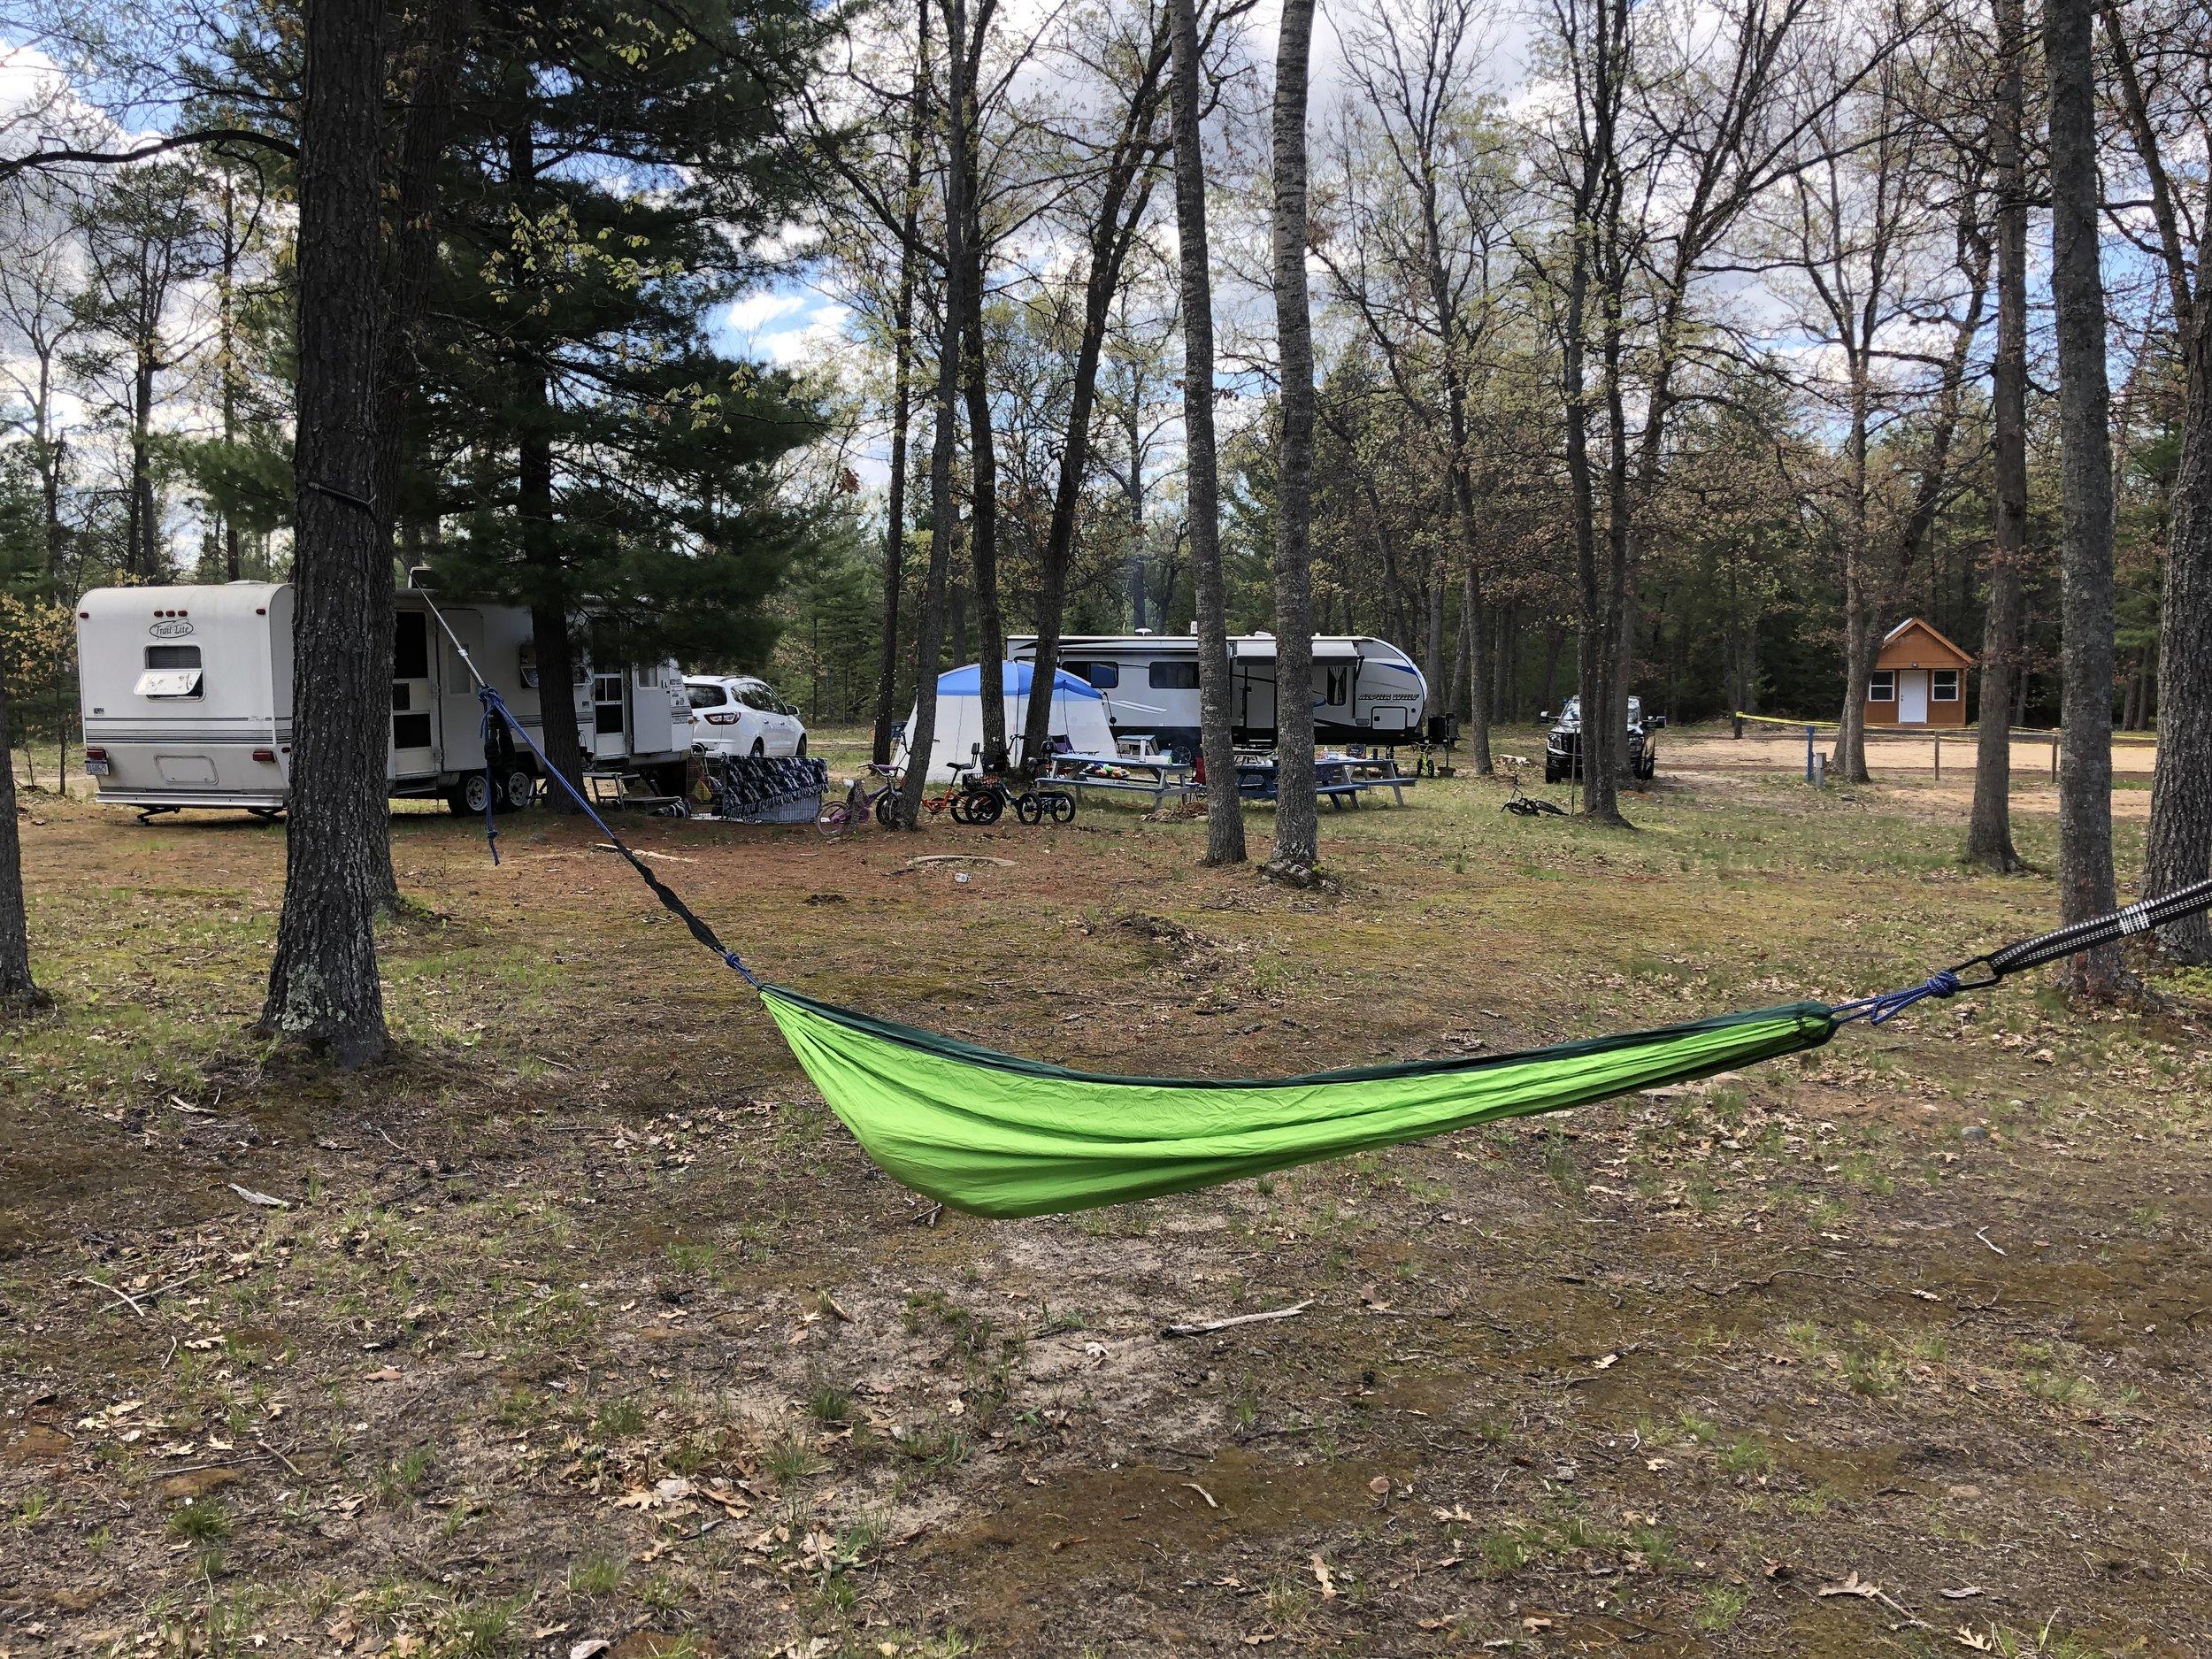 2019 Memorial Day camping 9.JPG